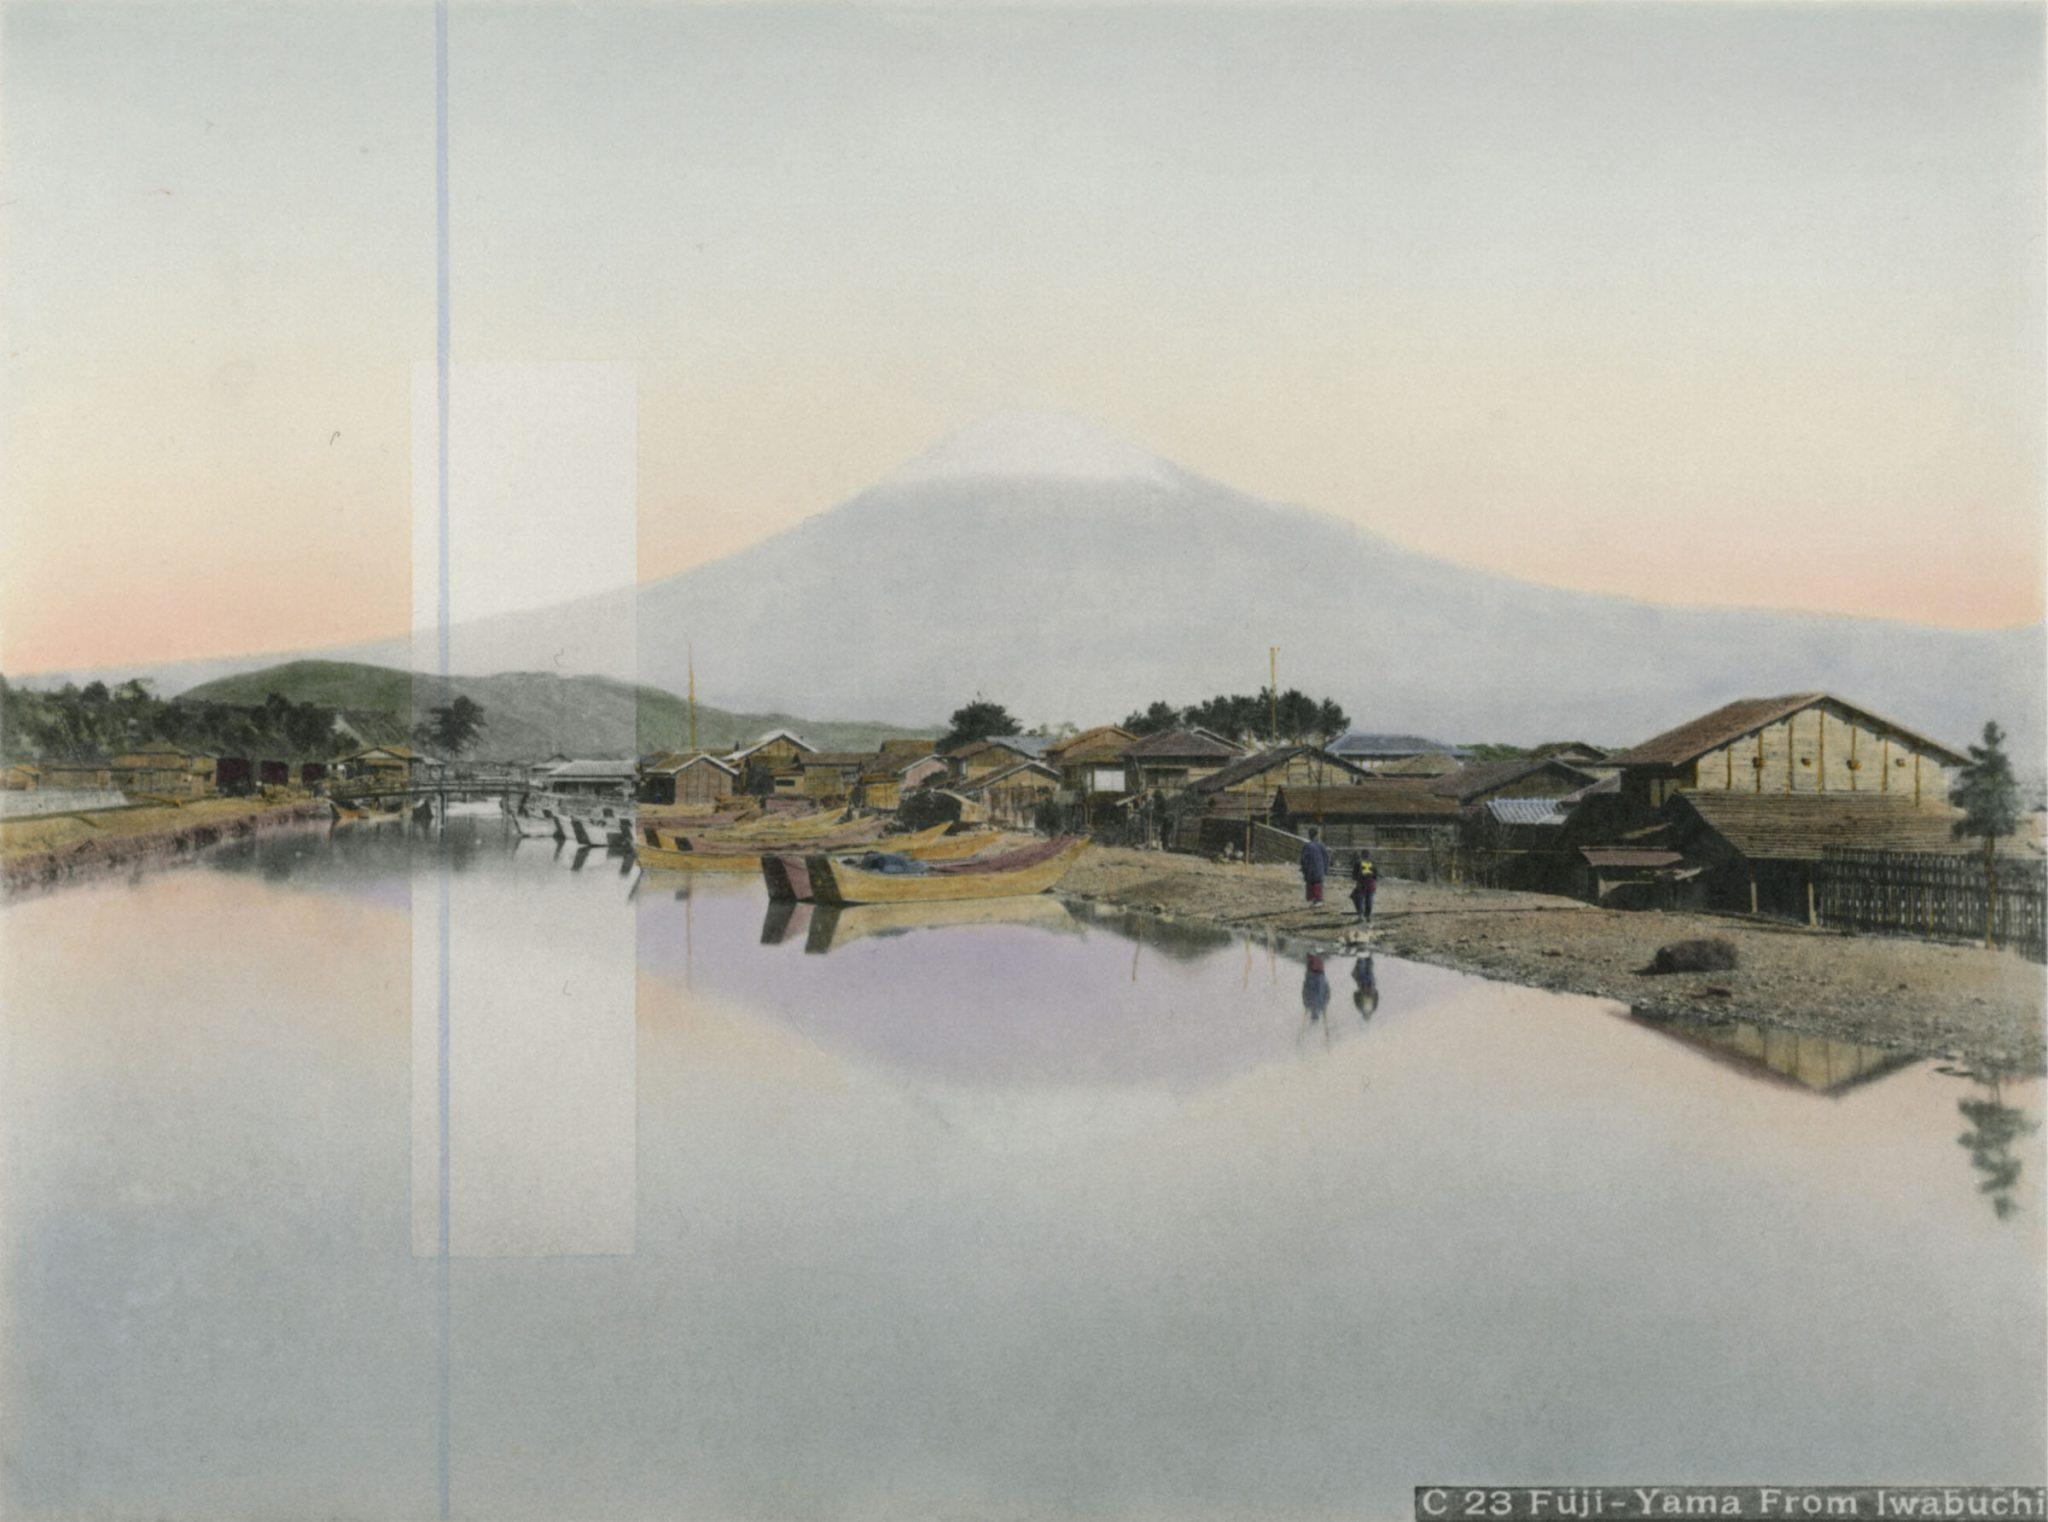 Linda Fregni Nagler, Fuji-Yama From Iwabuchi